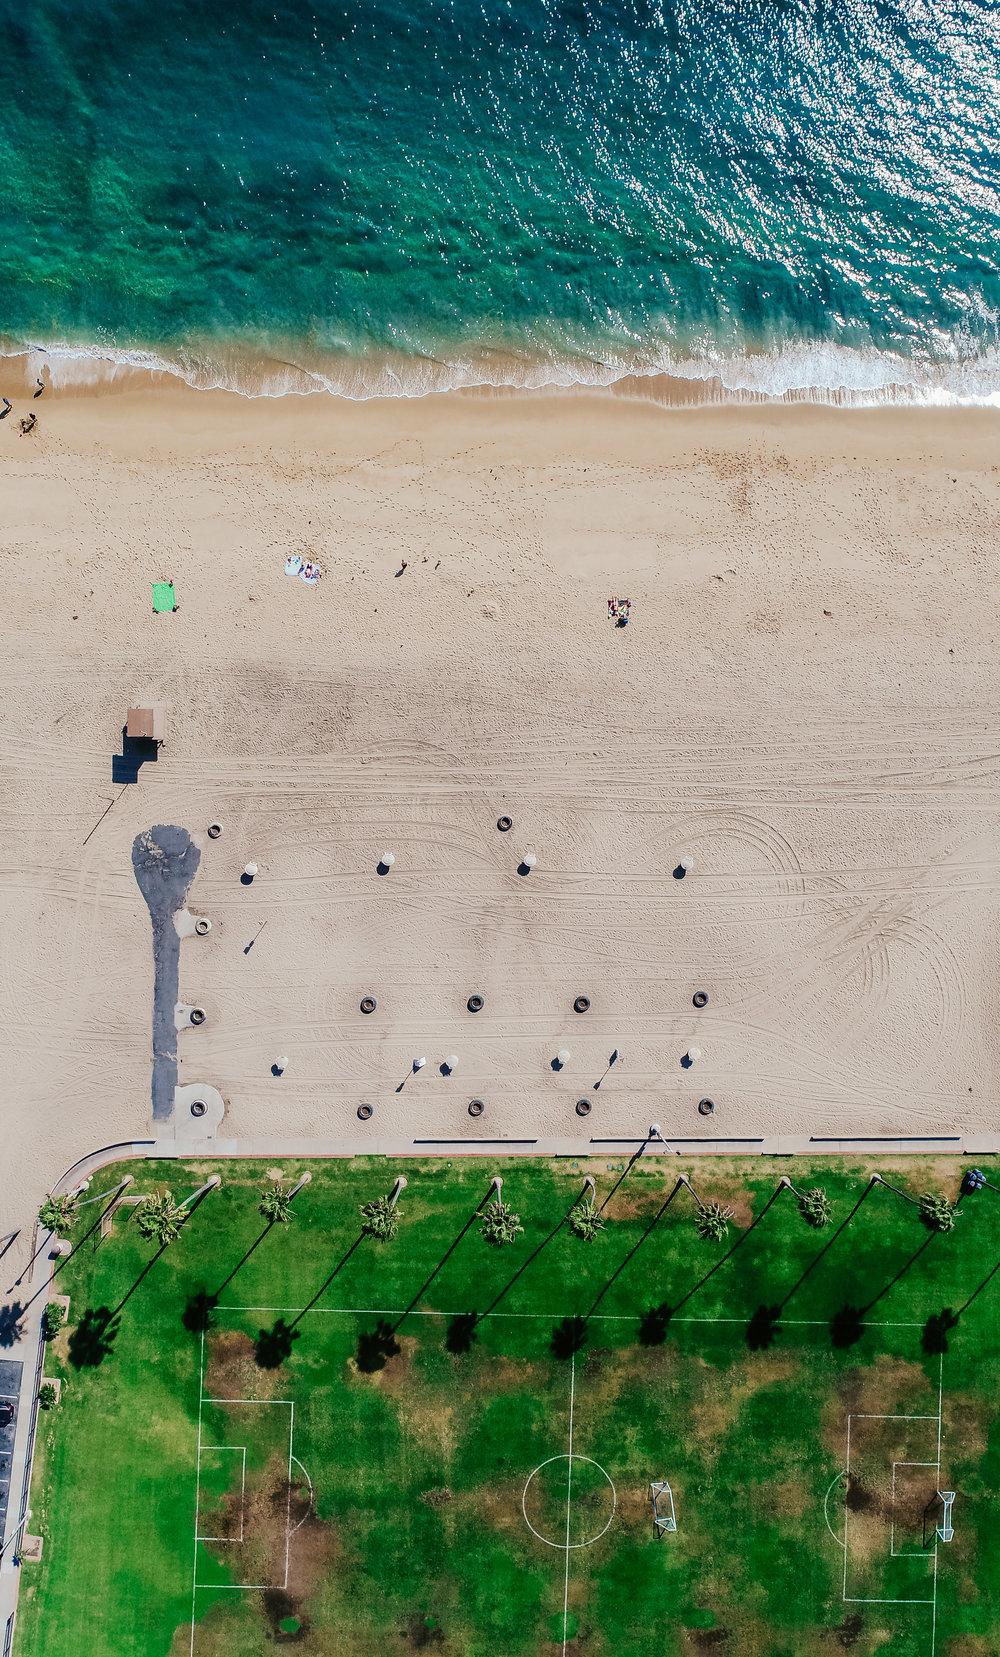 beach_courts.jpg